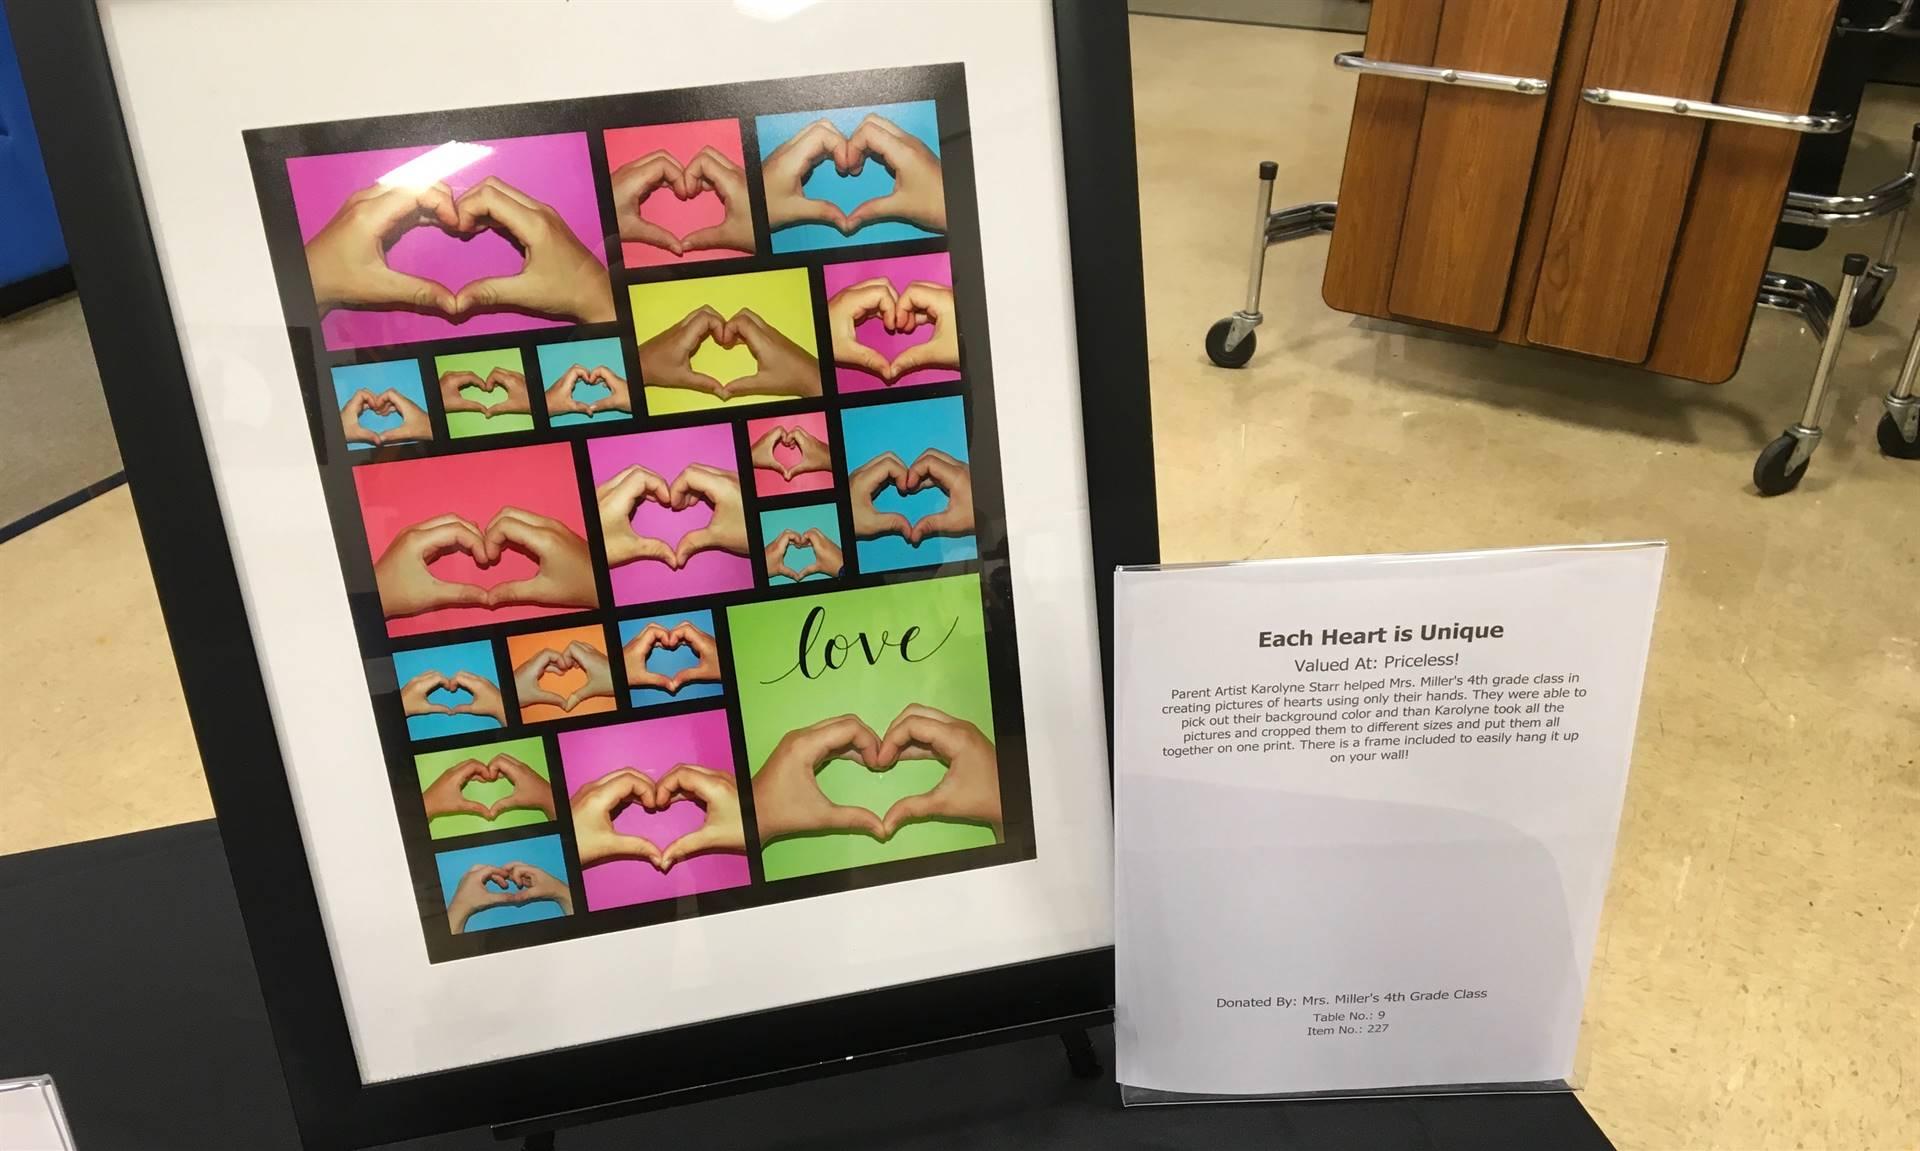 Informal Affair Art Project: Each Heart is Unique